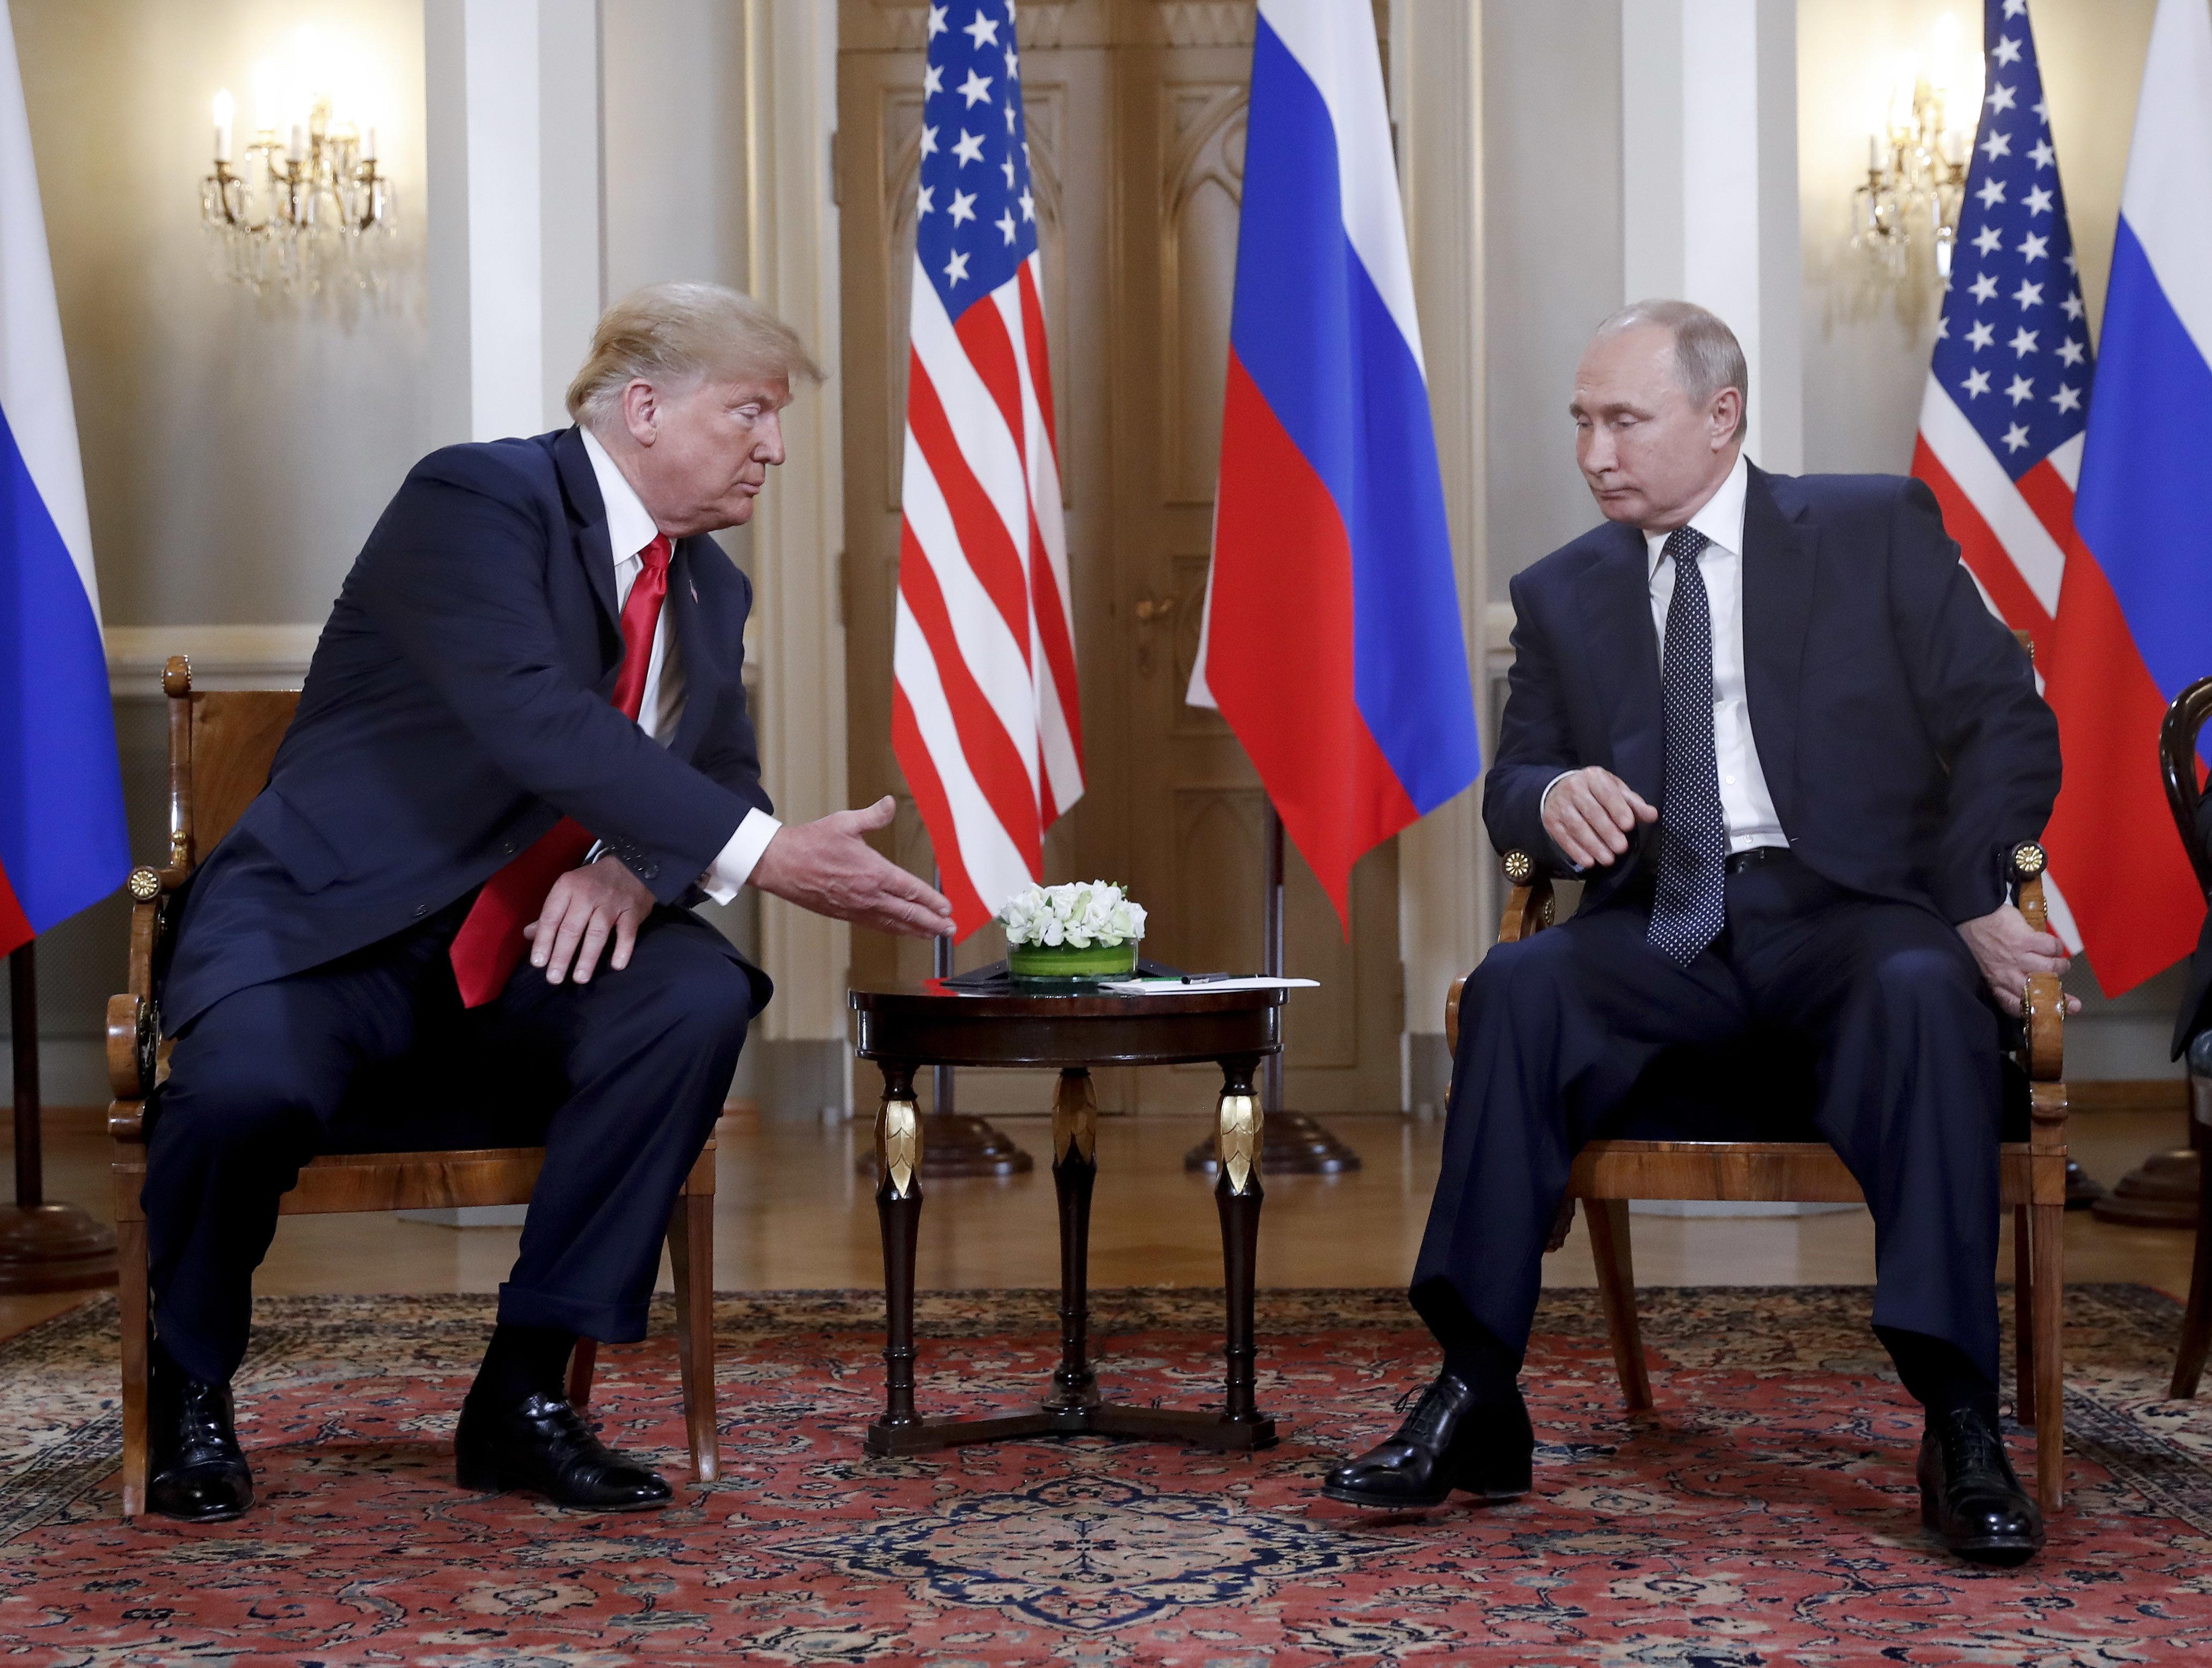 Οι ΗΠΑ απειλούν με κυρώσεις τη Ρωσία για τη στρατιωτική βοήθεια στη